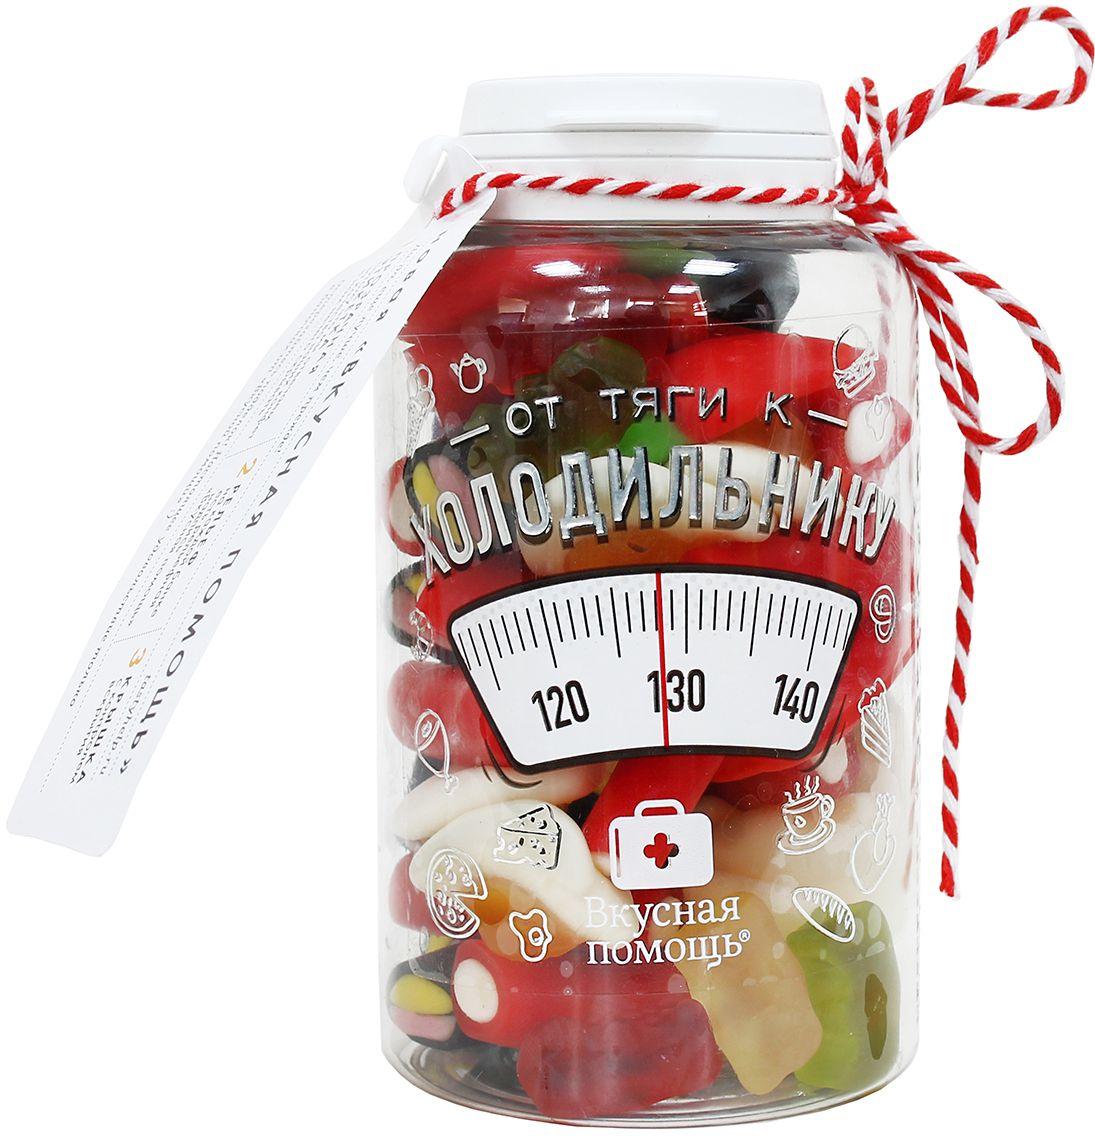 """Вкусная помощь конфеты """"От тяги к холодильнику"""", 210 г УТ-00001311"""